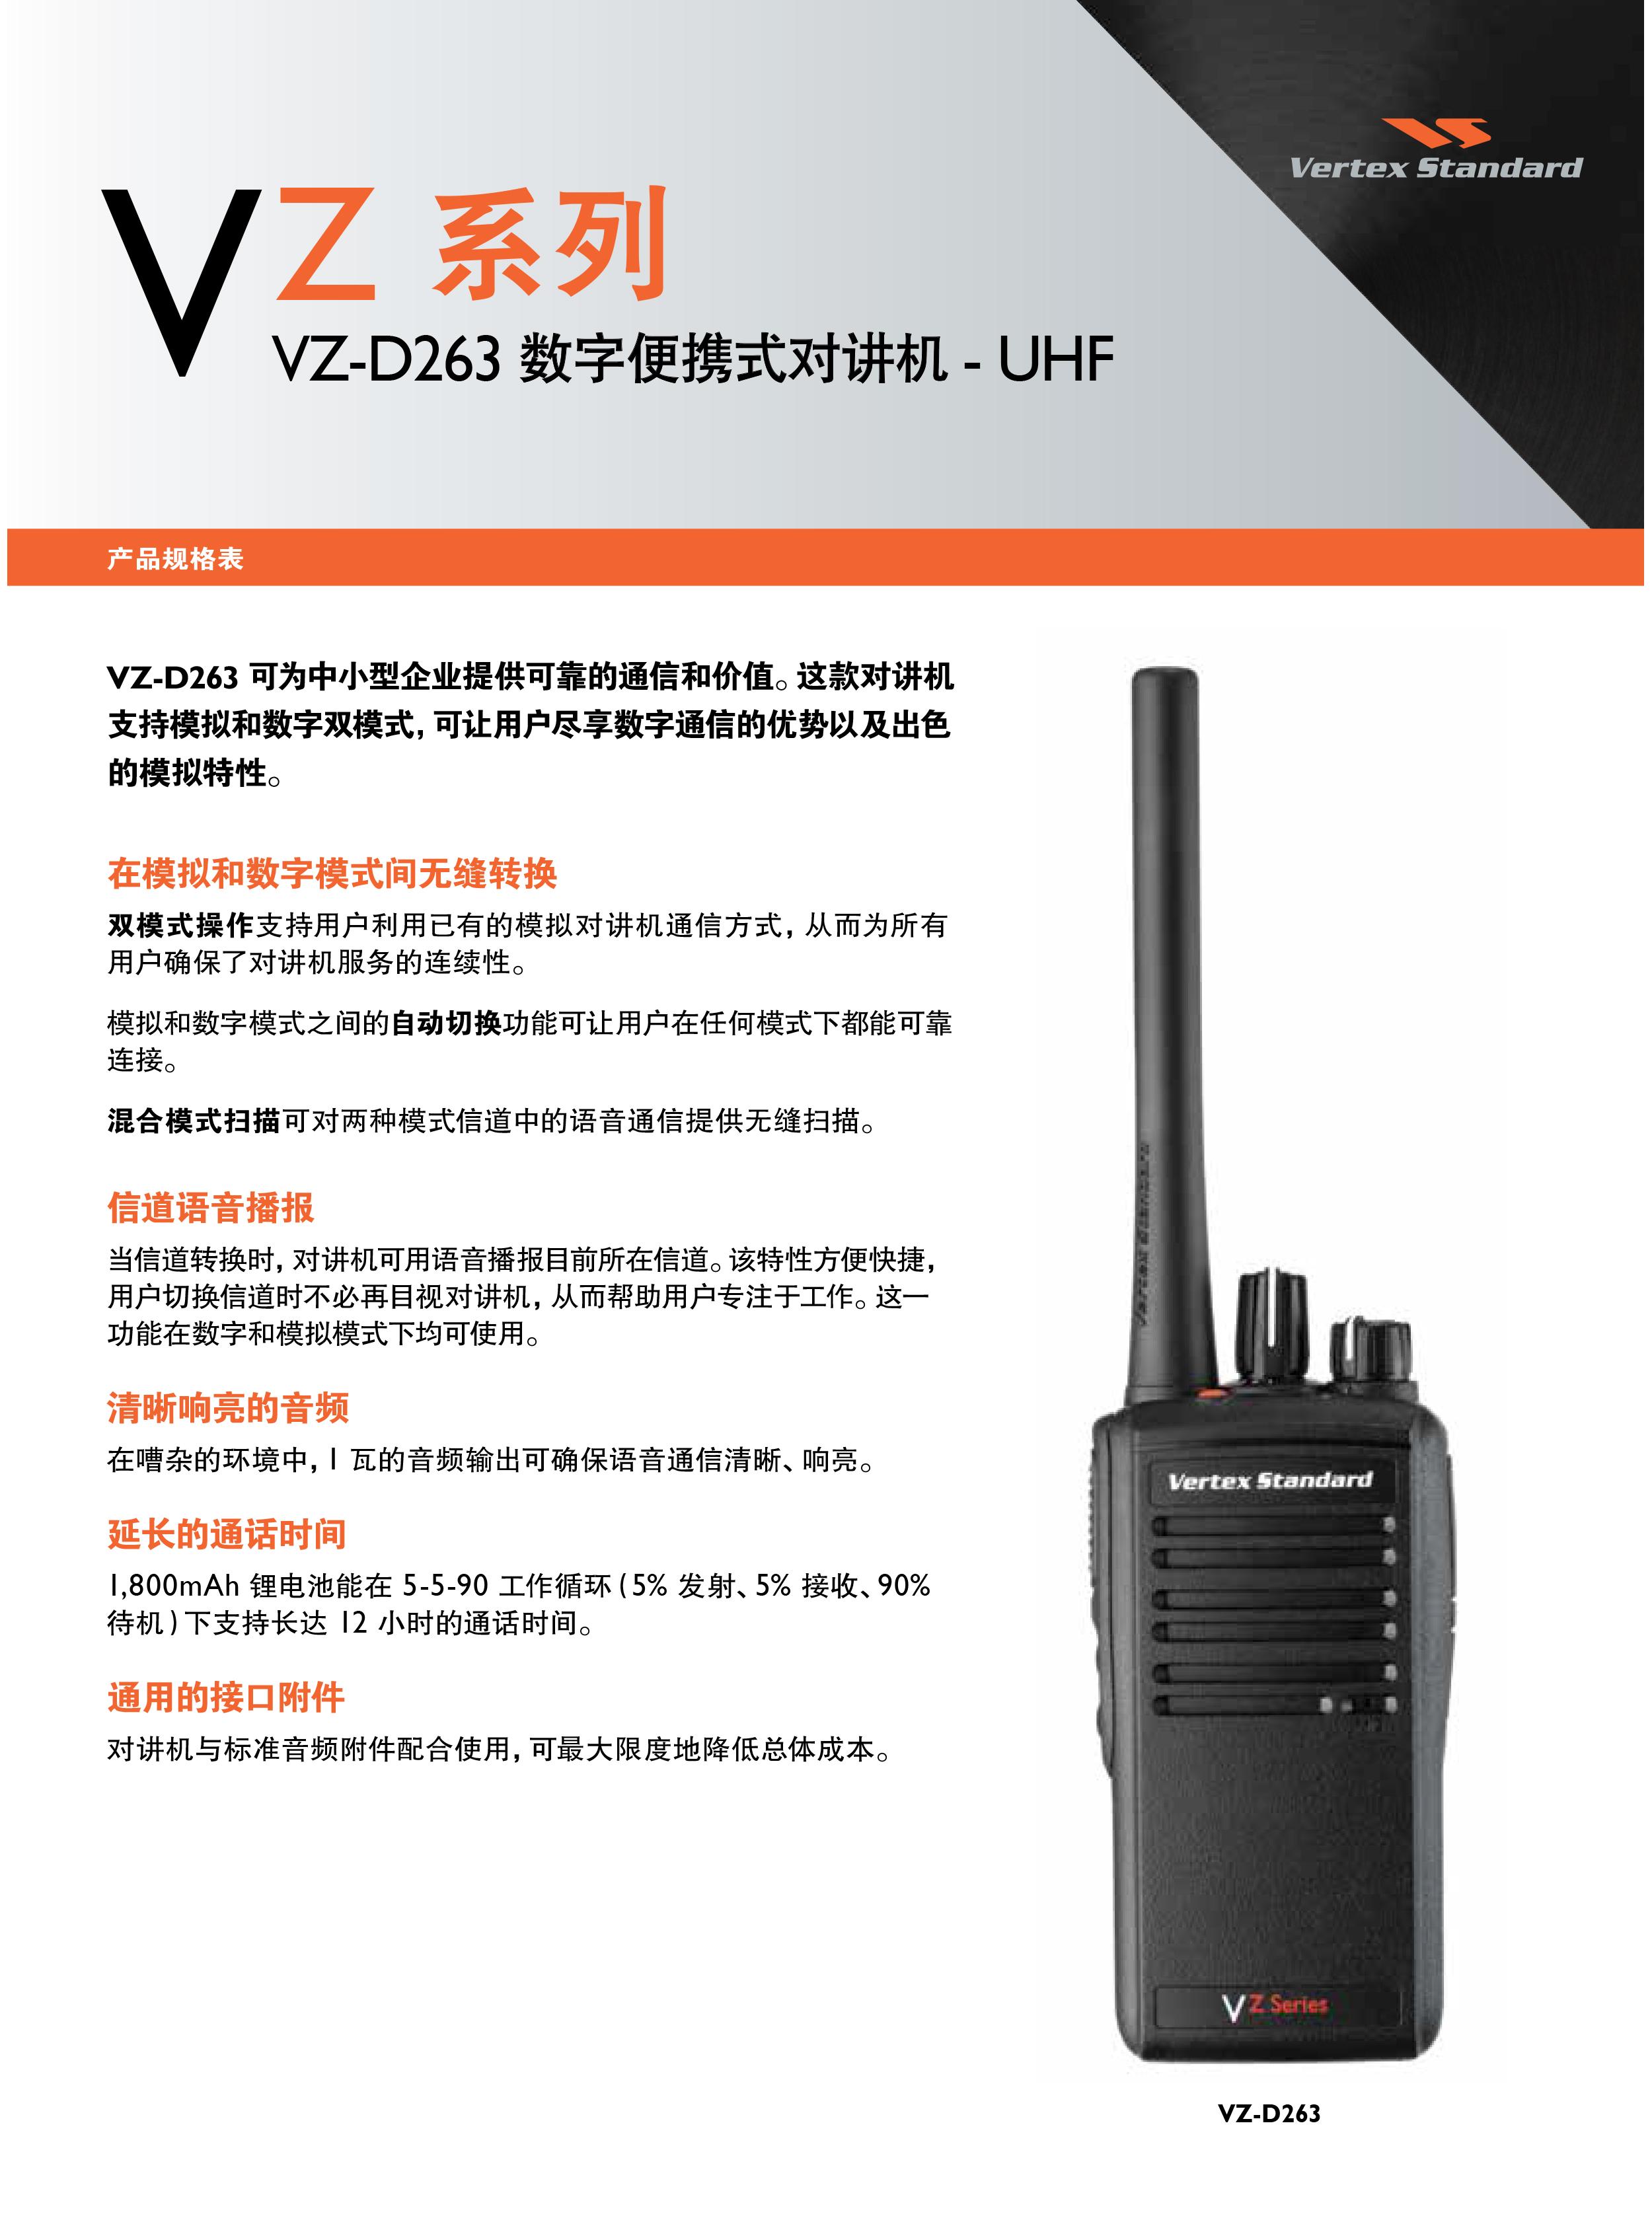 VZ-D263彩页_01